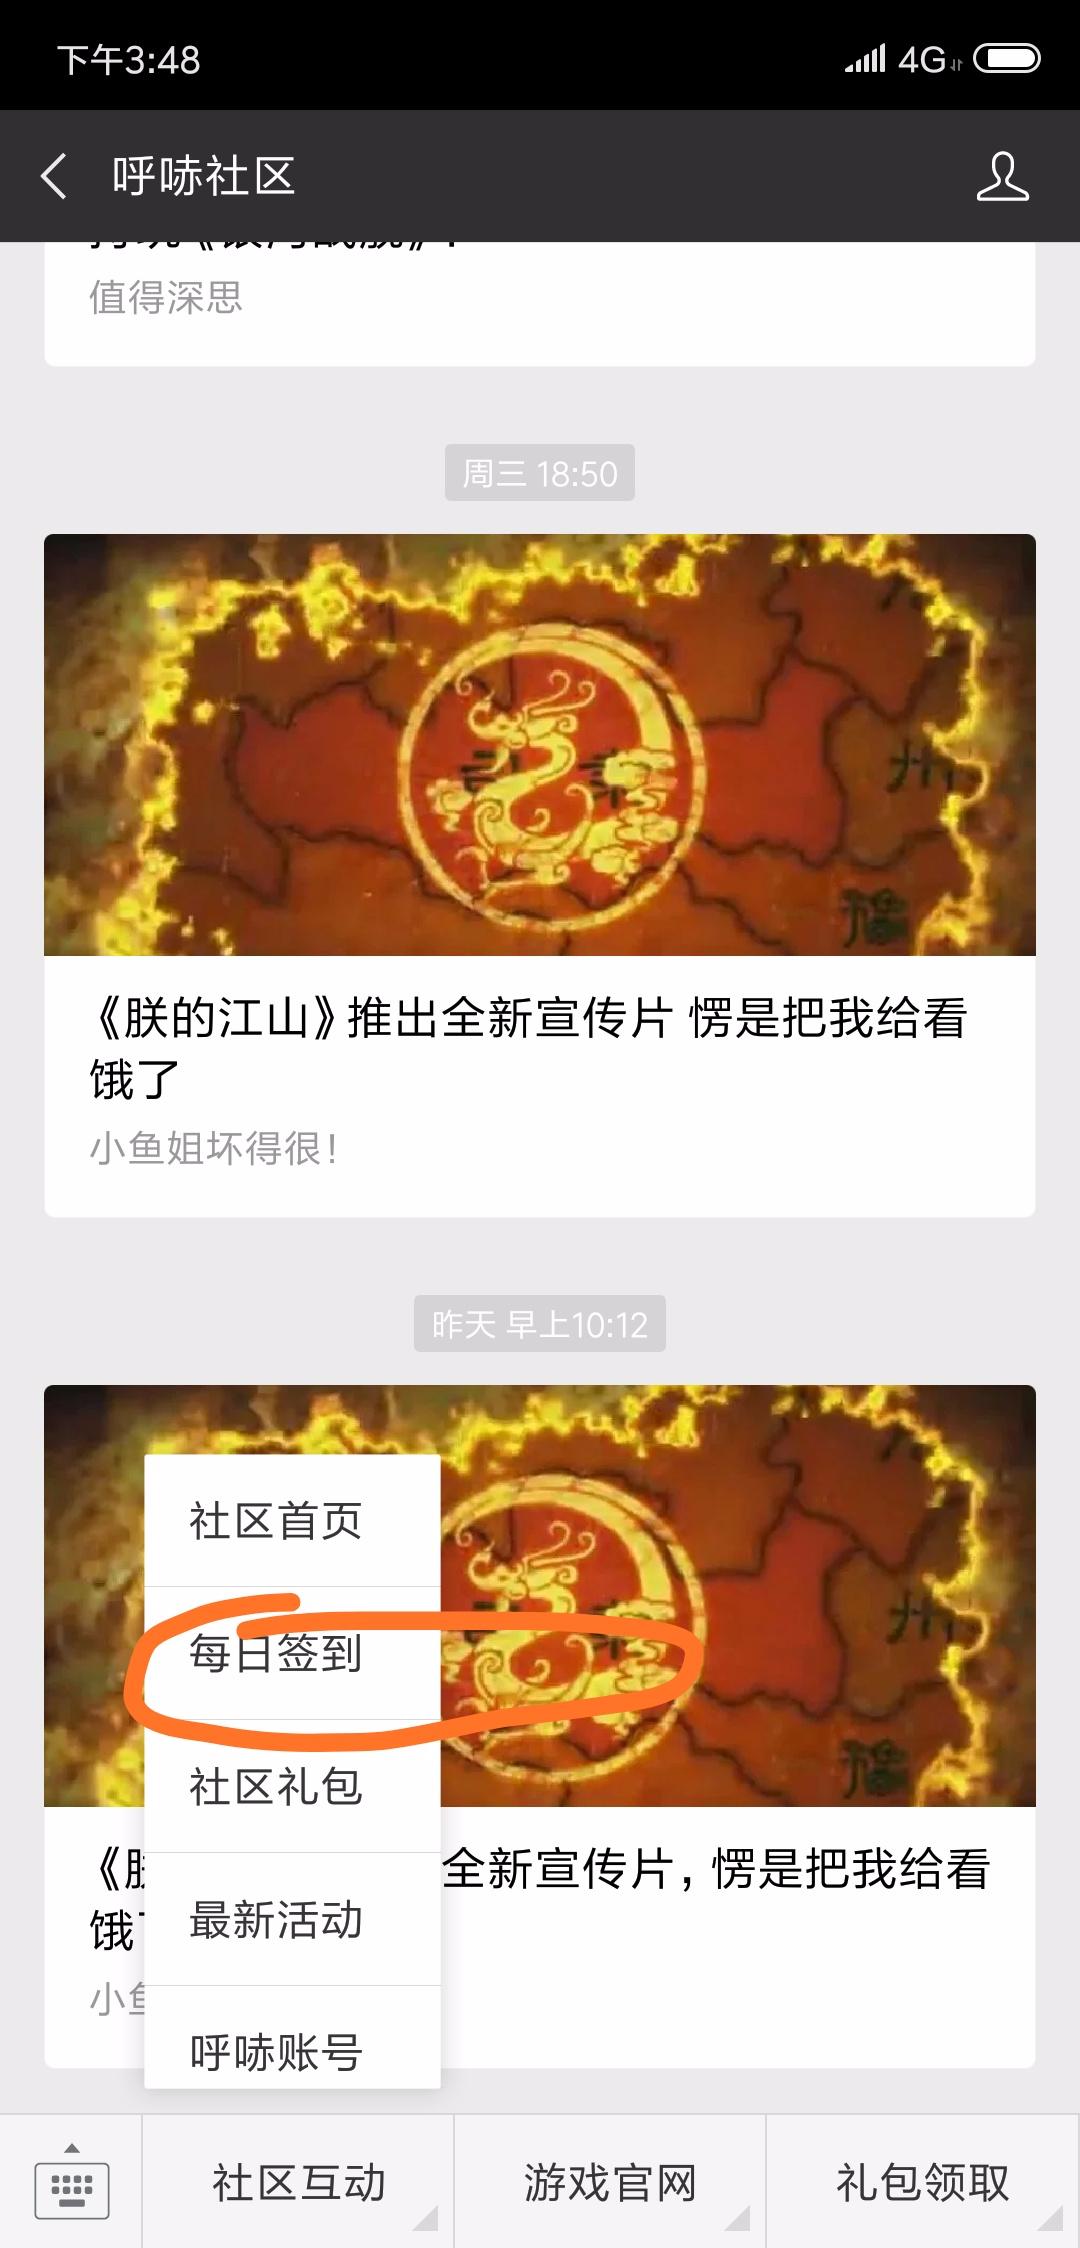 Screenshot_2018-11-23-15-48-32-746_com.tencent.mm.png